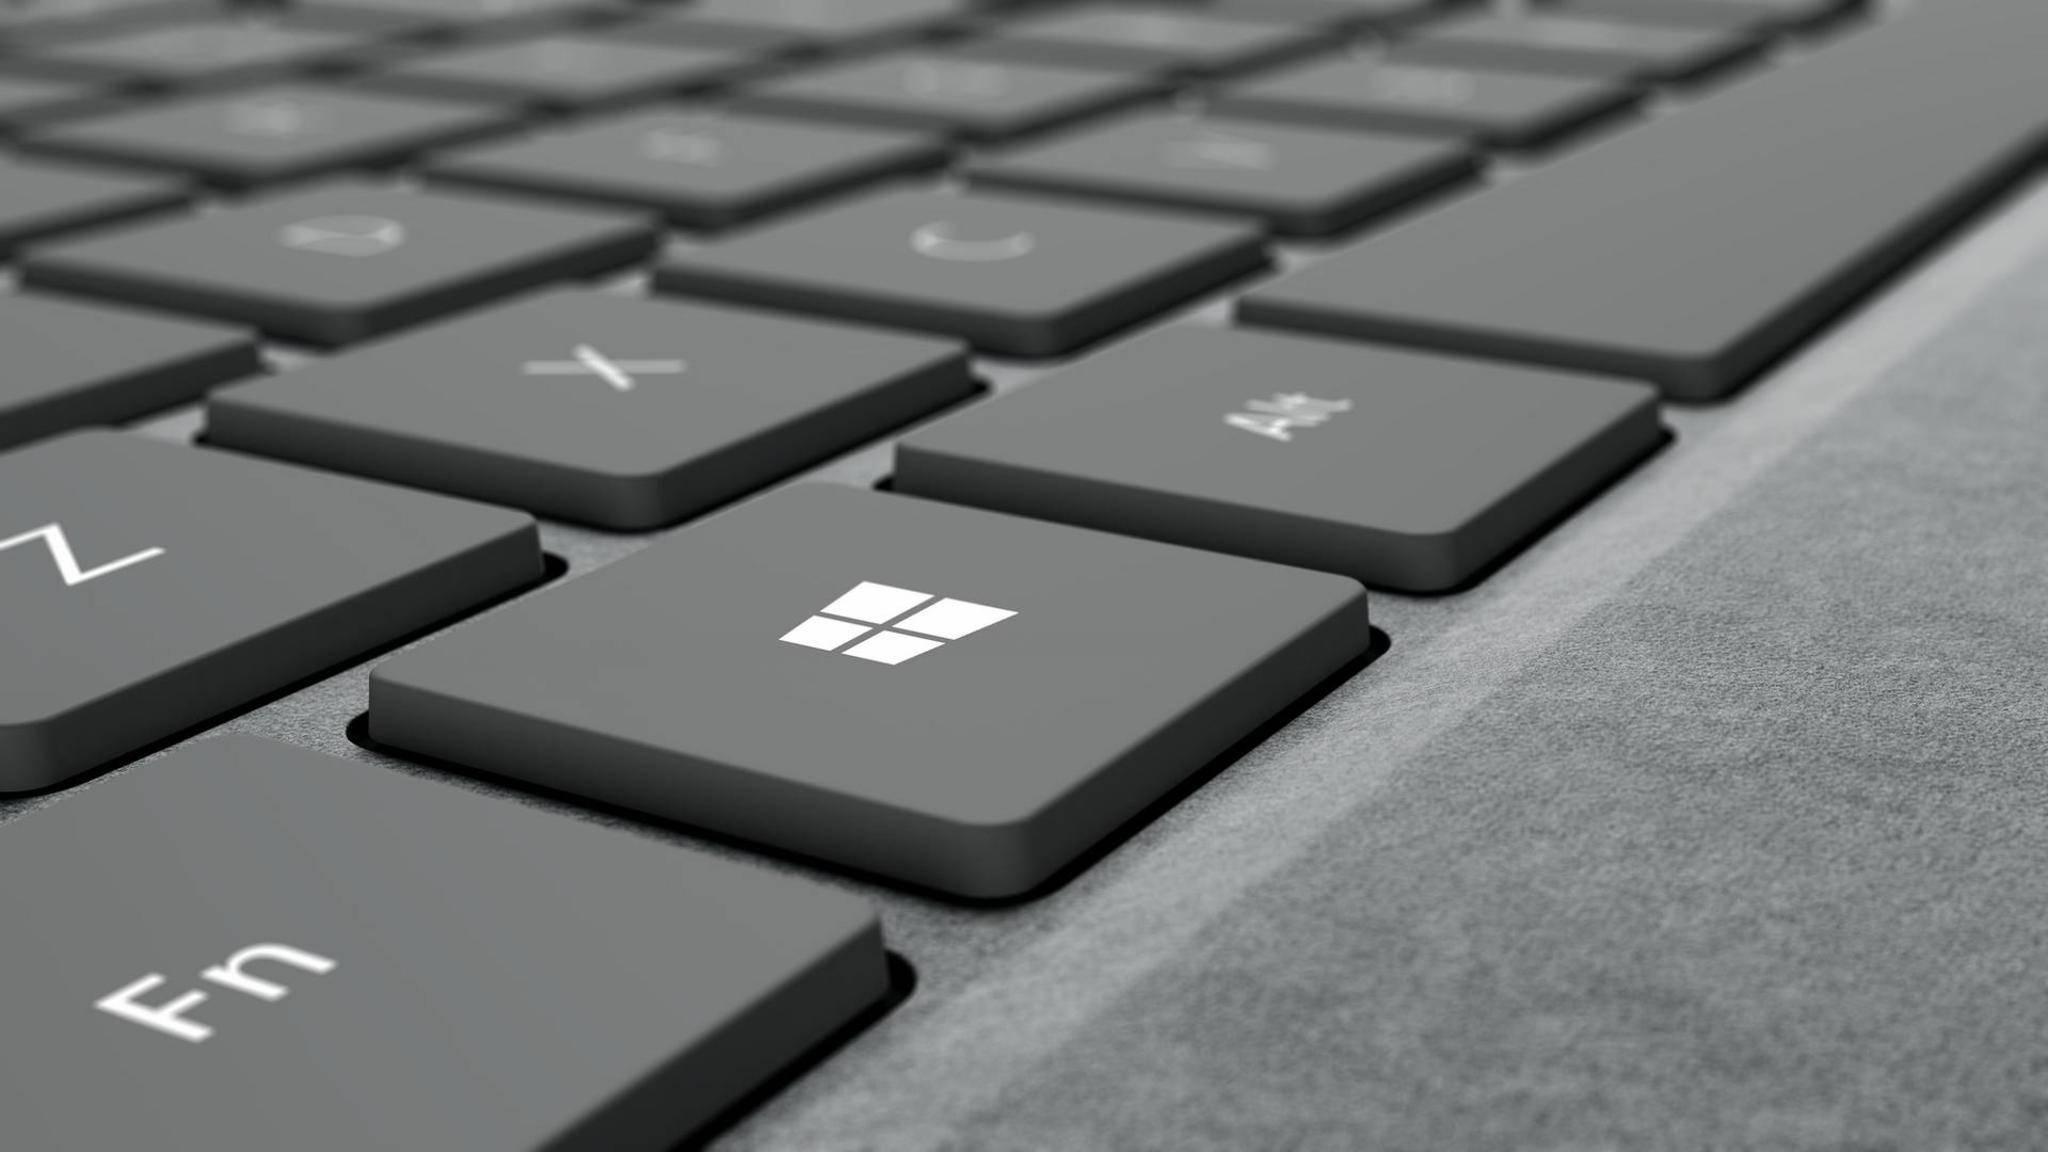 Das Creators Update für Windows 10 kann ab sofort durchgeführt werden.